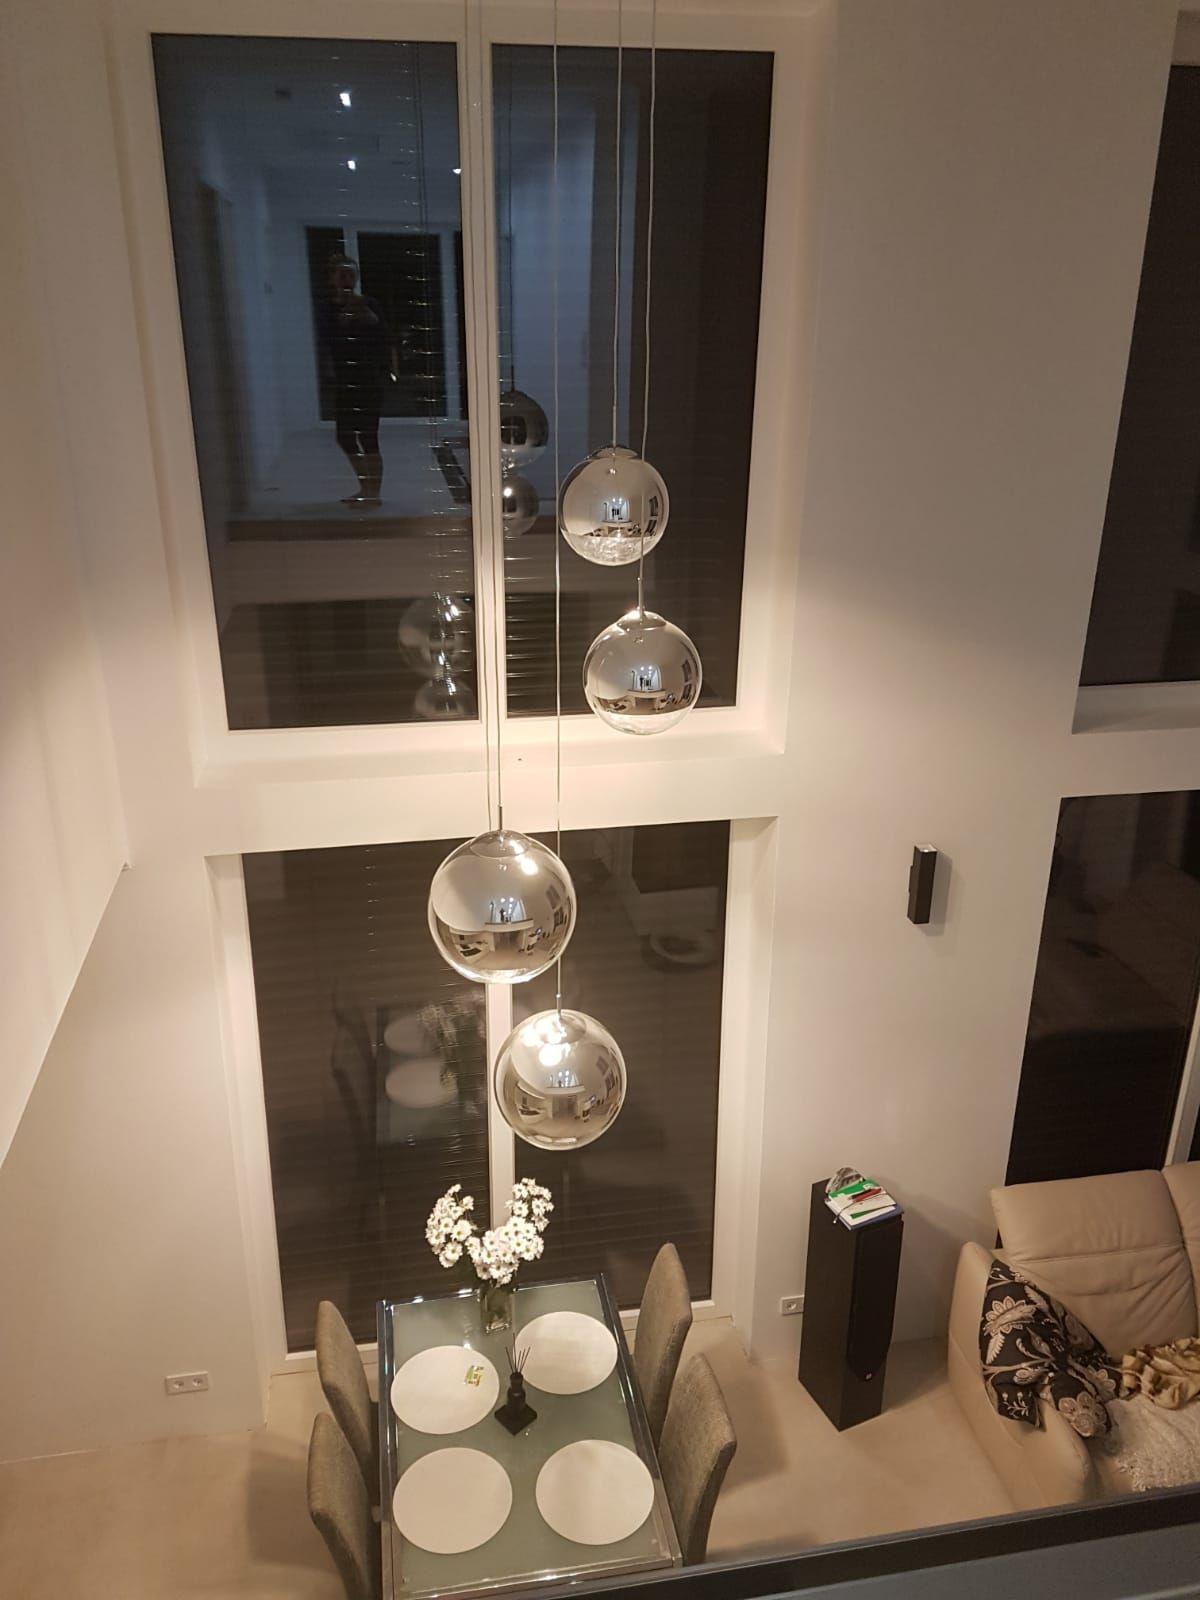 S Luce Fairy Spiegelkugel Pendelleuchte O 30cm Chrom 10744 Esszimmer Beleuchtung Hangeleuchte Esstisch Beleuchtung